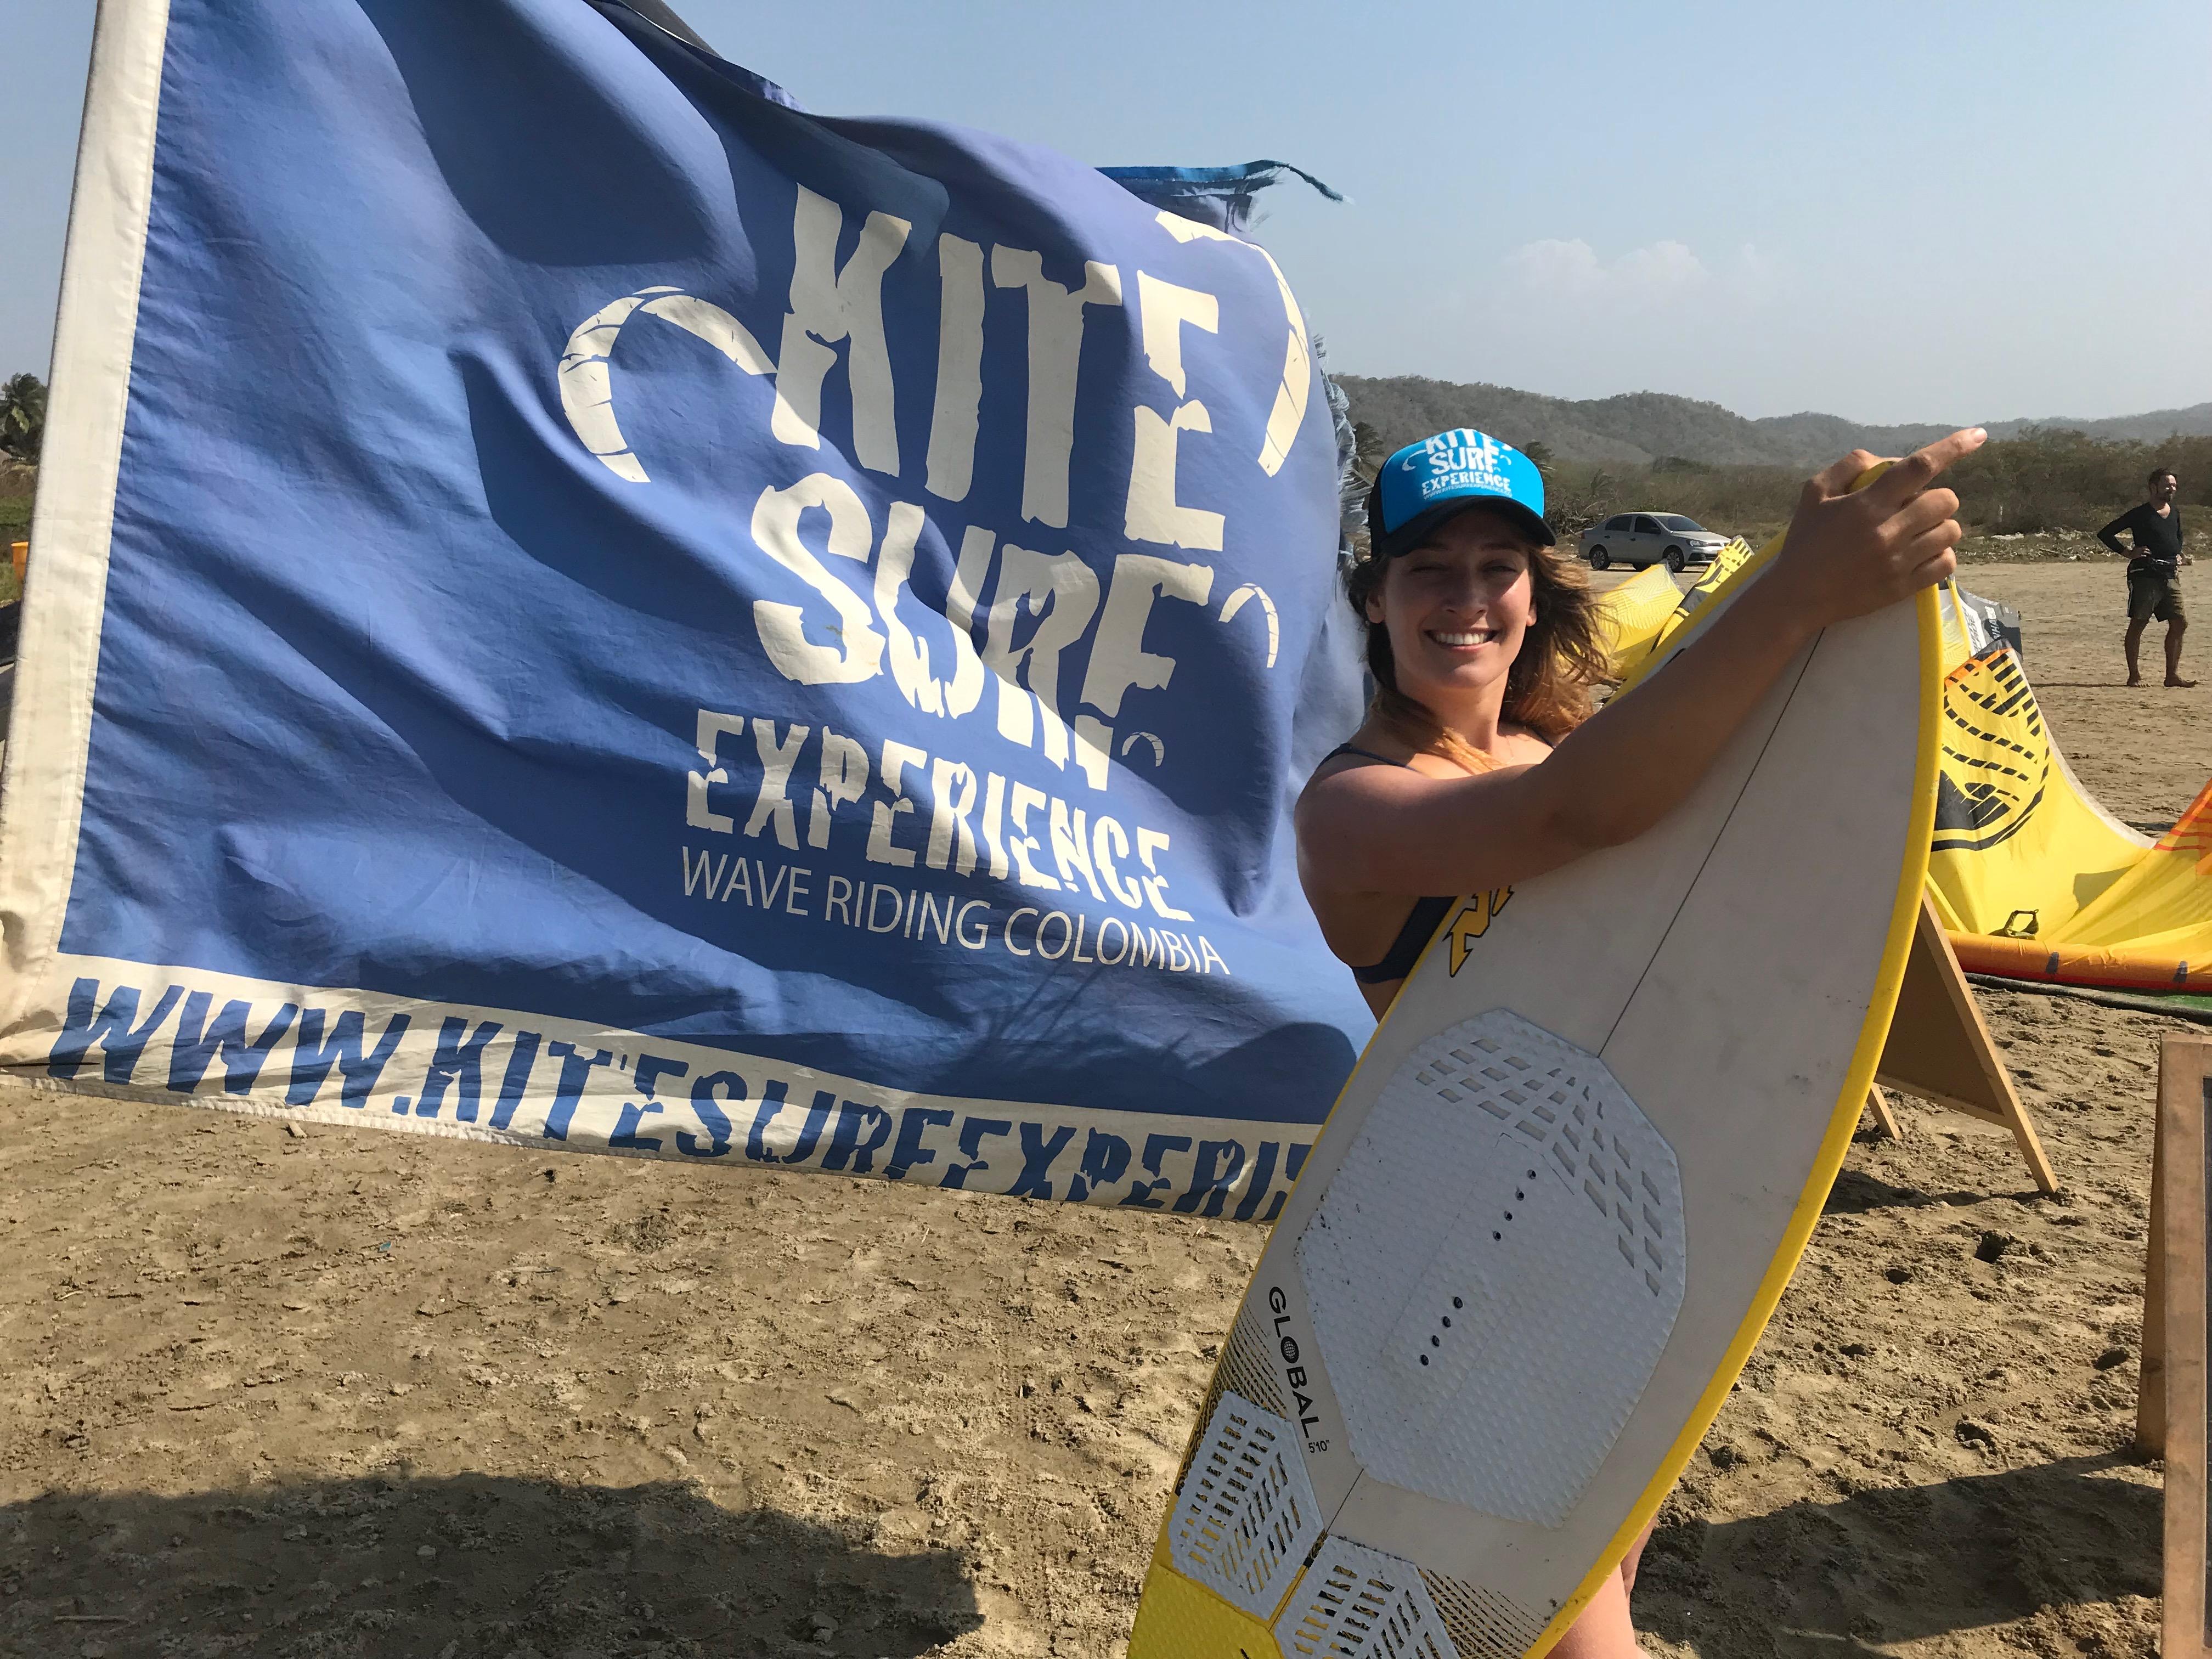 wave kitesurf salinas